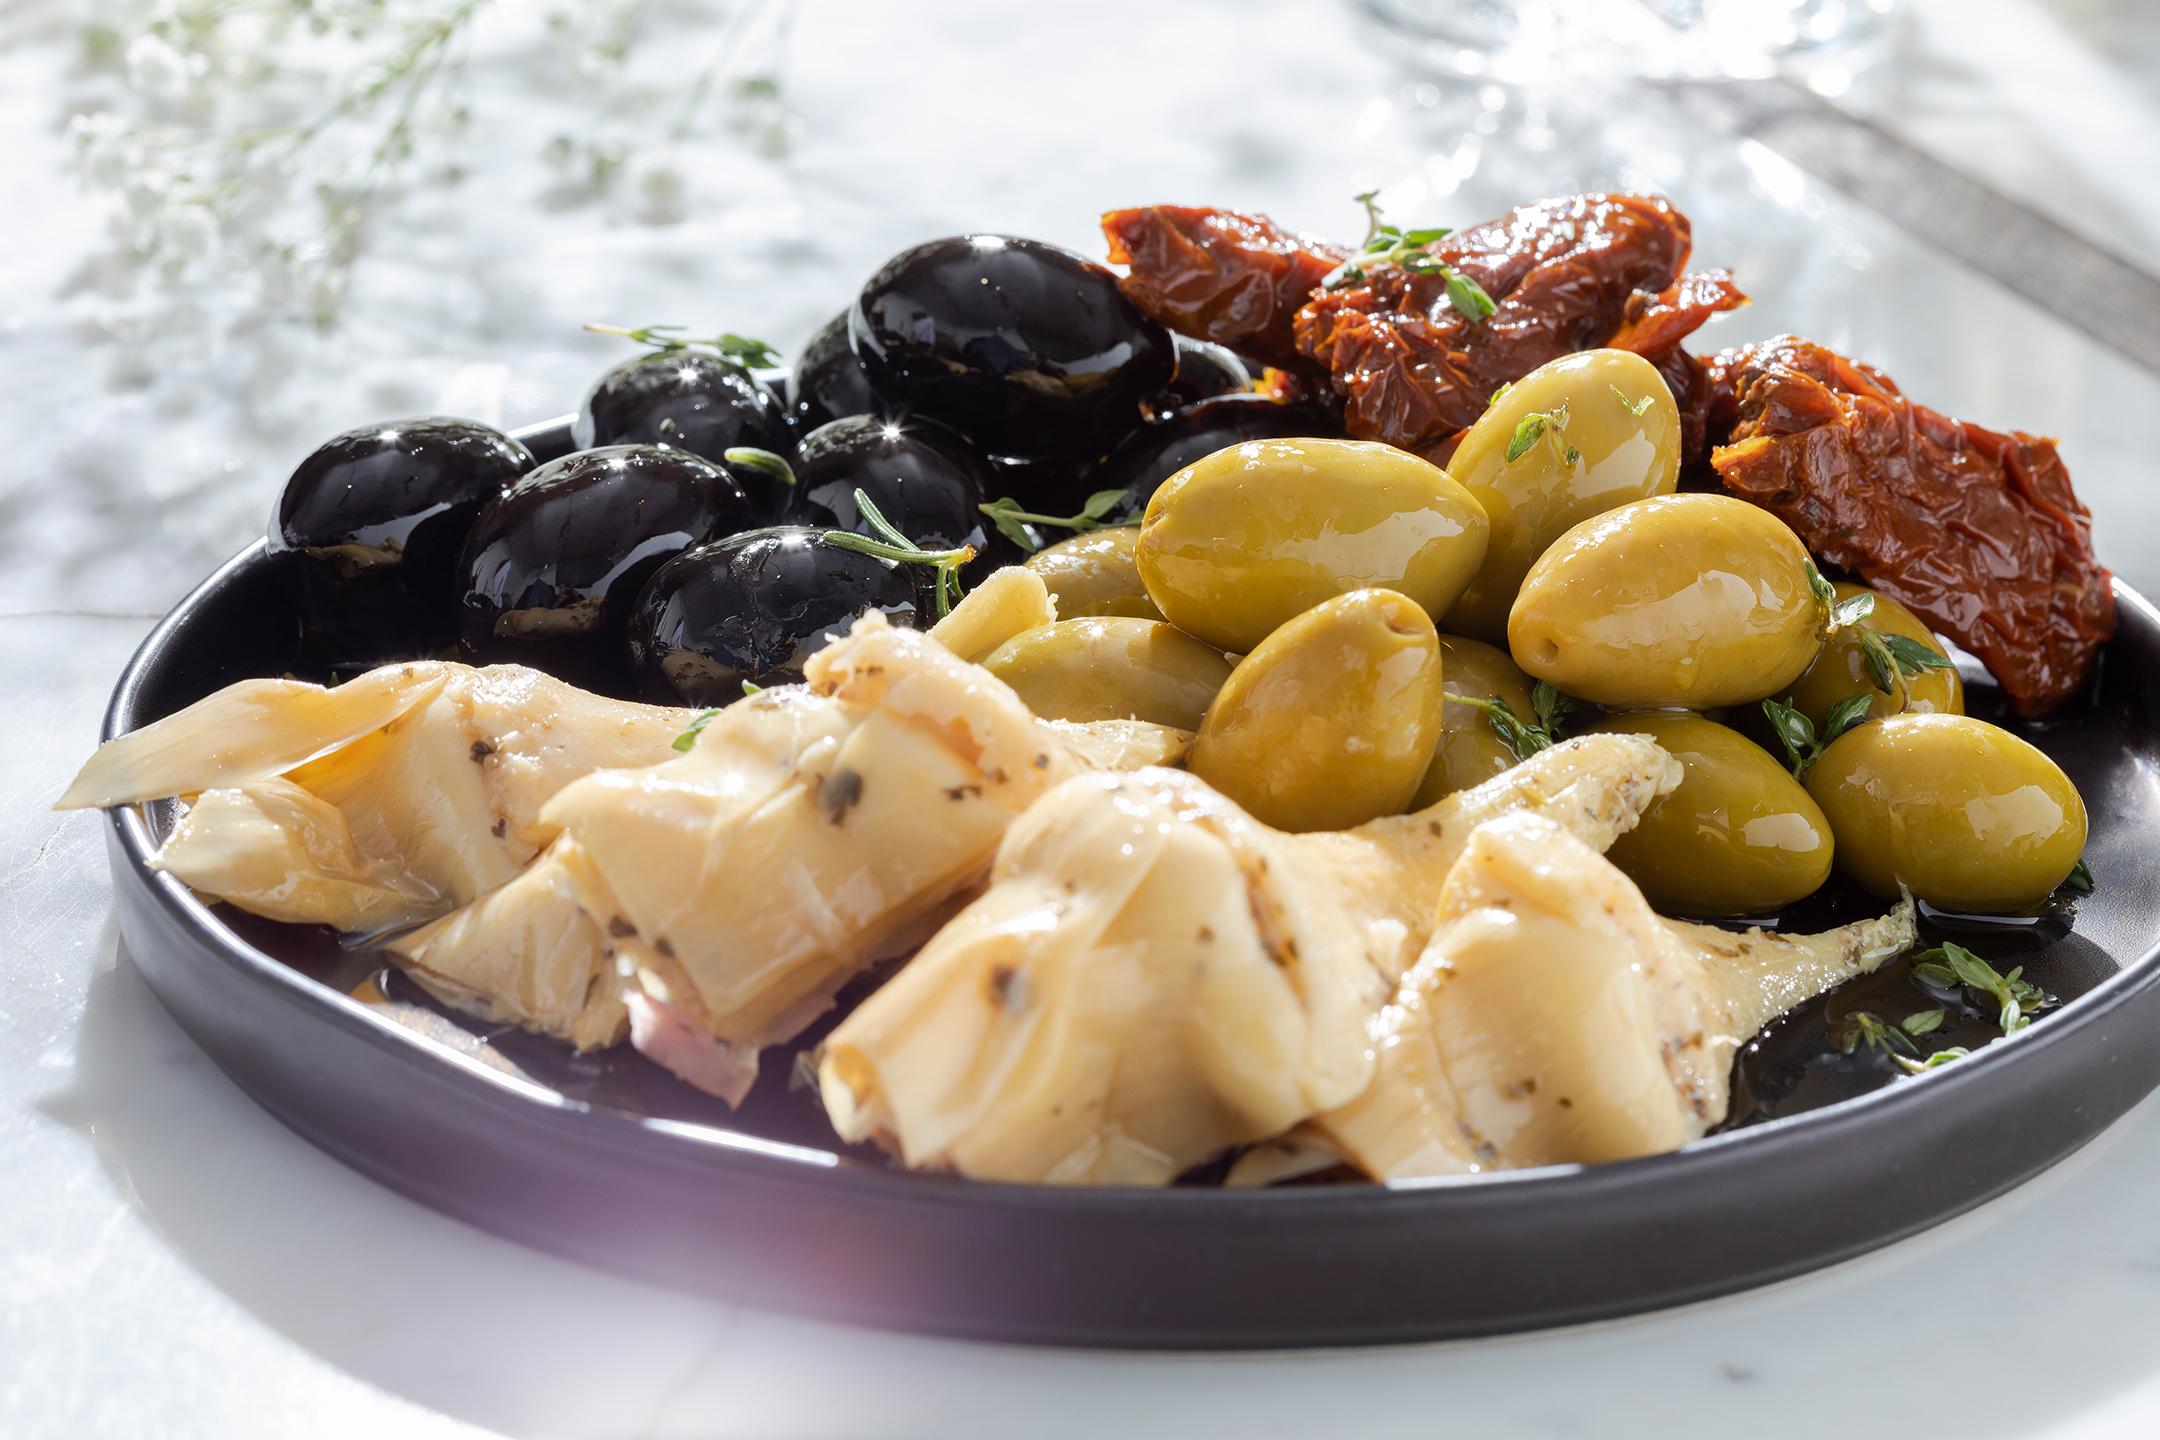 Ассорти из маслин, оливок, артишоков, томатов